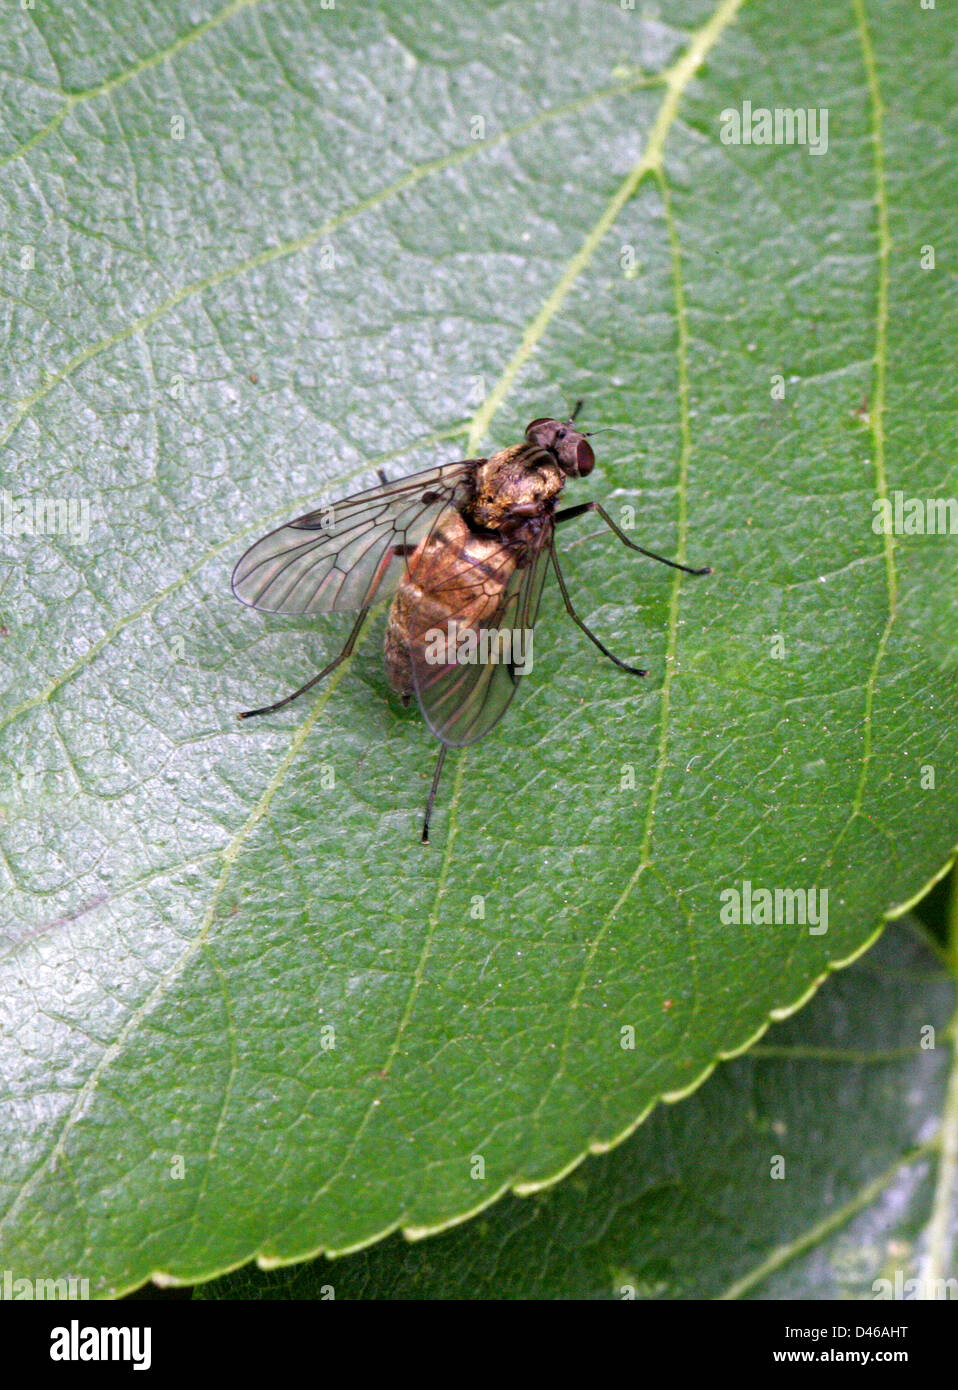 Rhagionidae